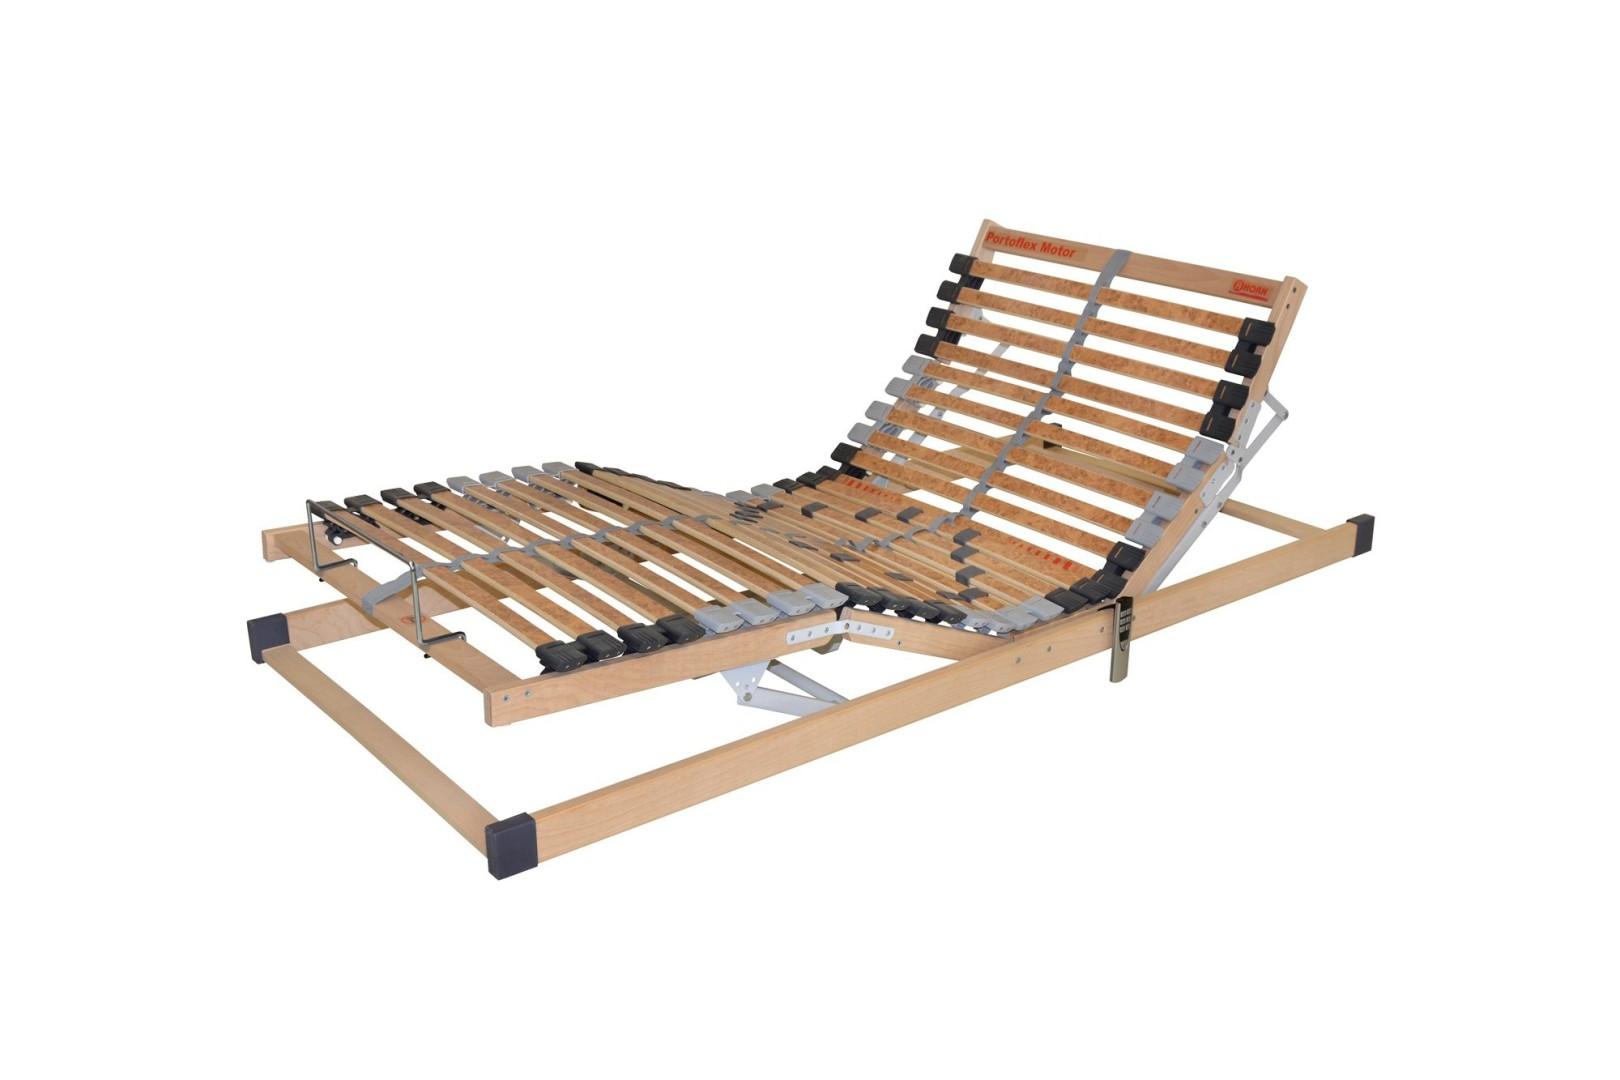 Ahorn PMM - motorový postelový rošt s nosností až do 150 kg 140 x 220 cm